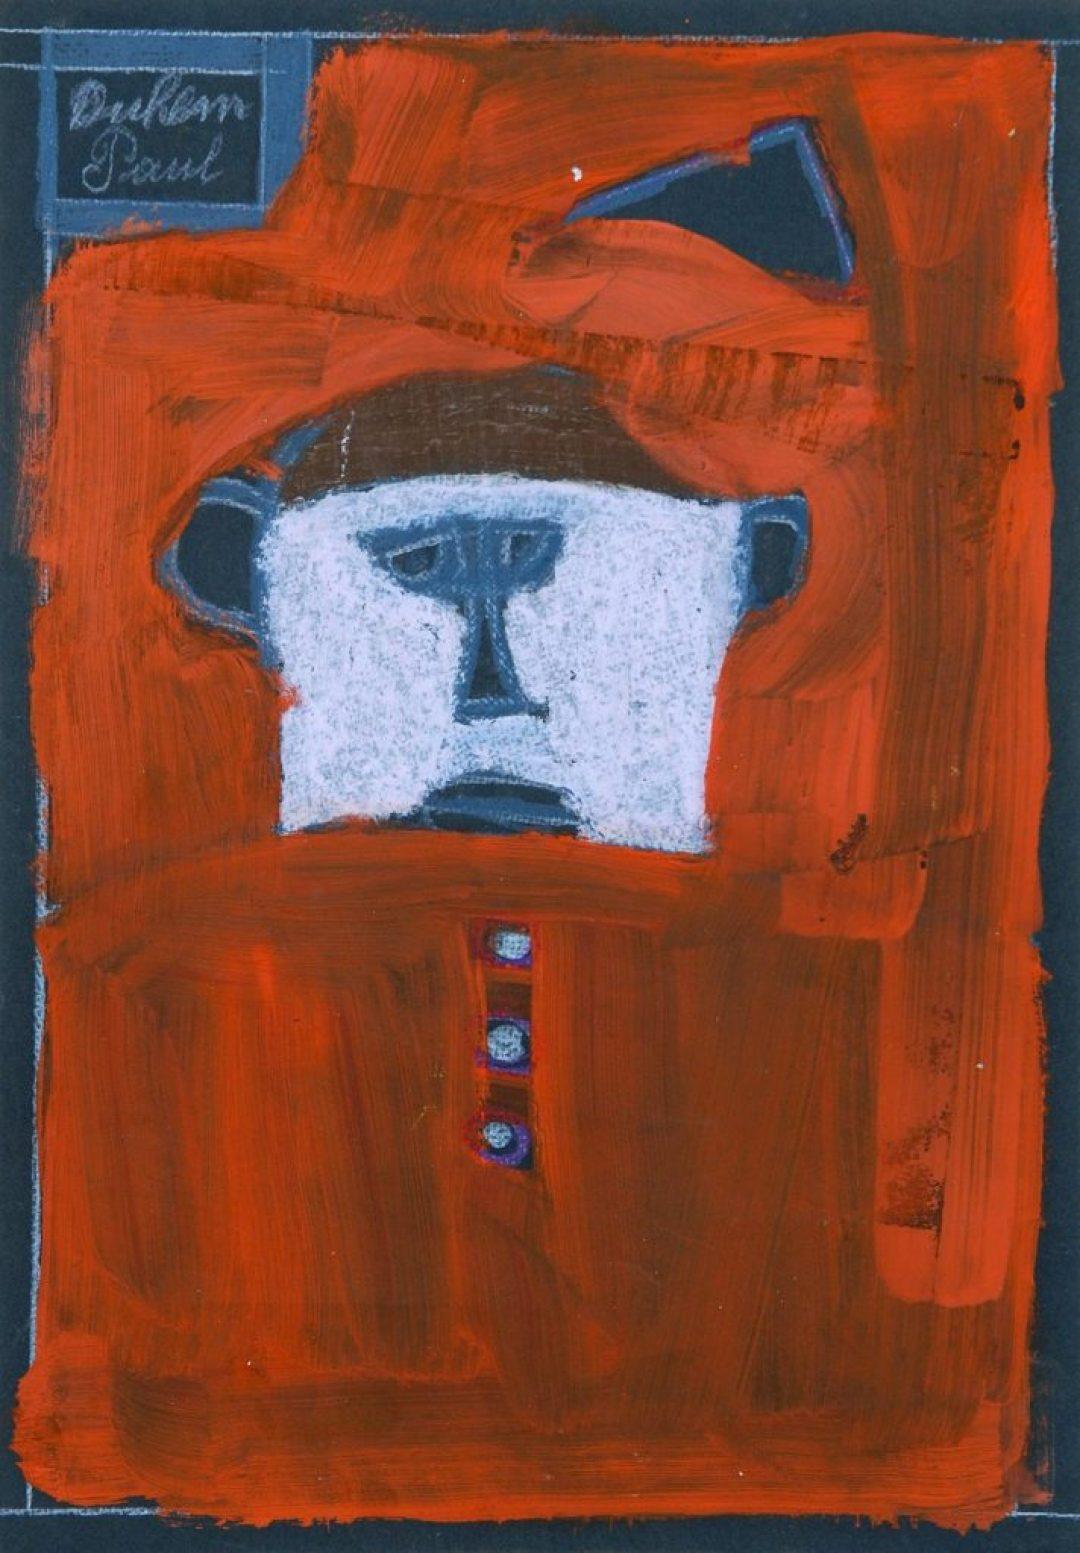 Paul Duhem, sans titre, 1993, crayon blanc, pastel et peinture à l'huile sur papier, 34,6 x 24 cm